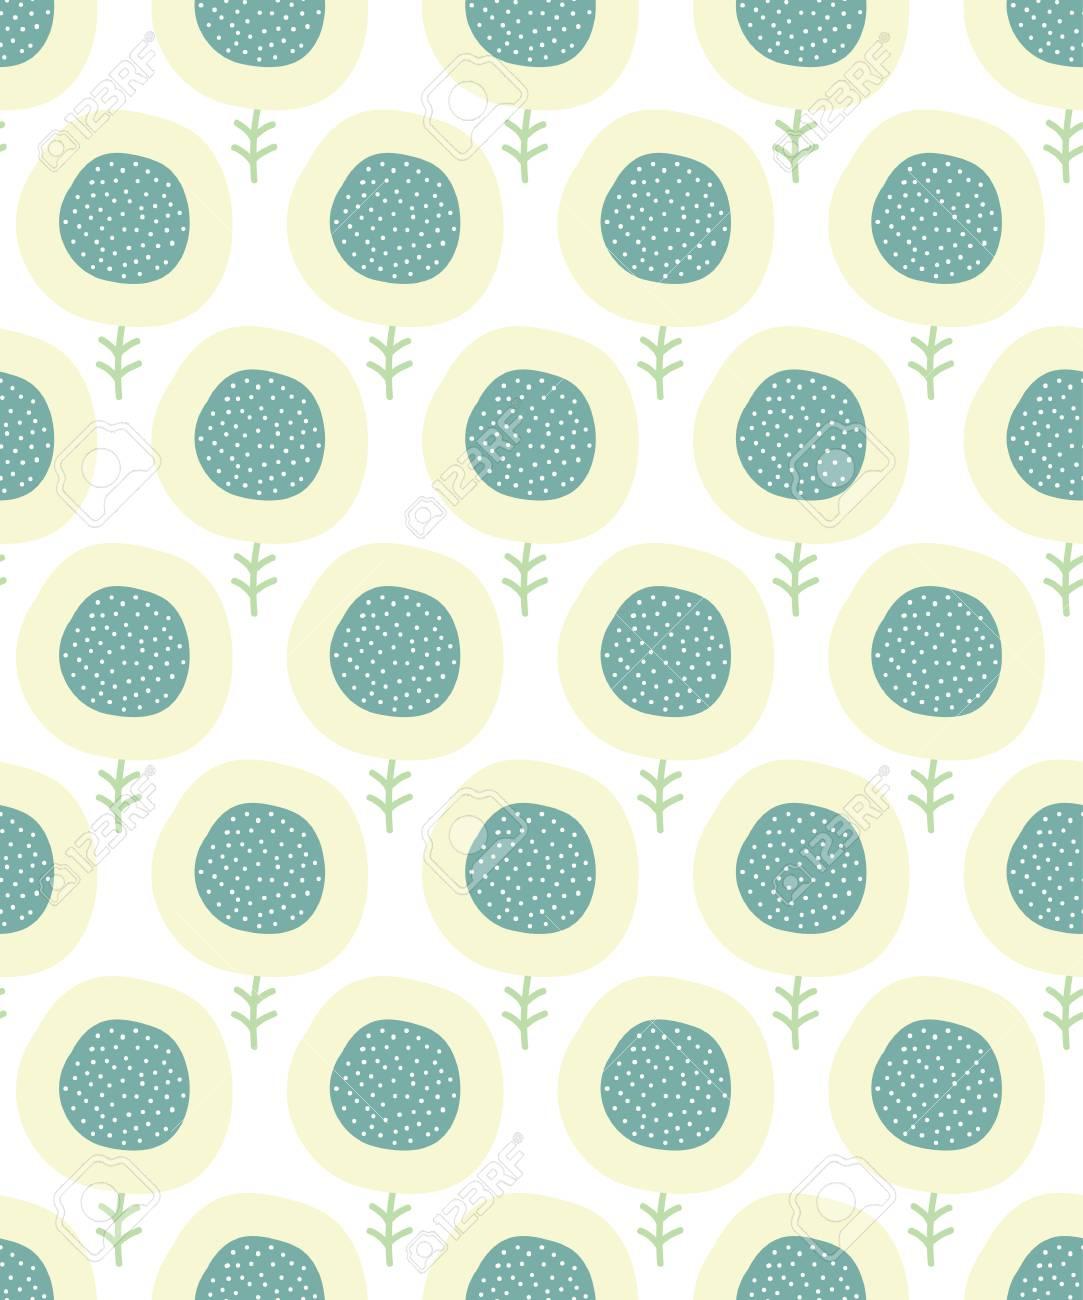 シンプルな花柄 パステルのシームレスな背景を落書き かわいい壁紙 ベクトルの図 のイラスト素材 ベクタ Image